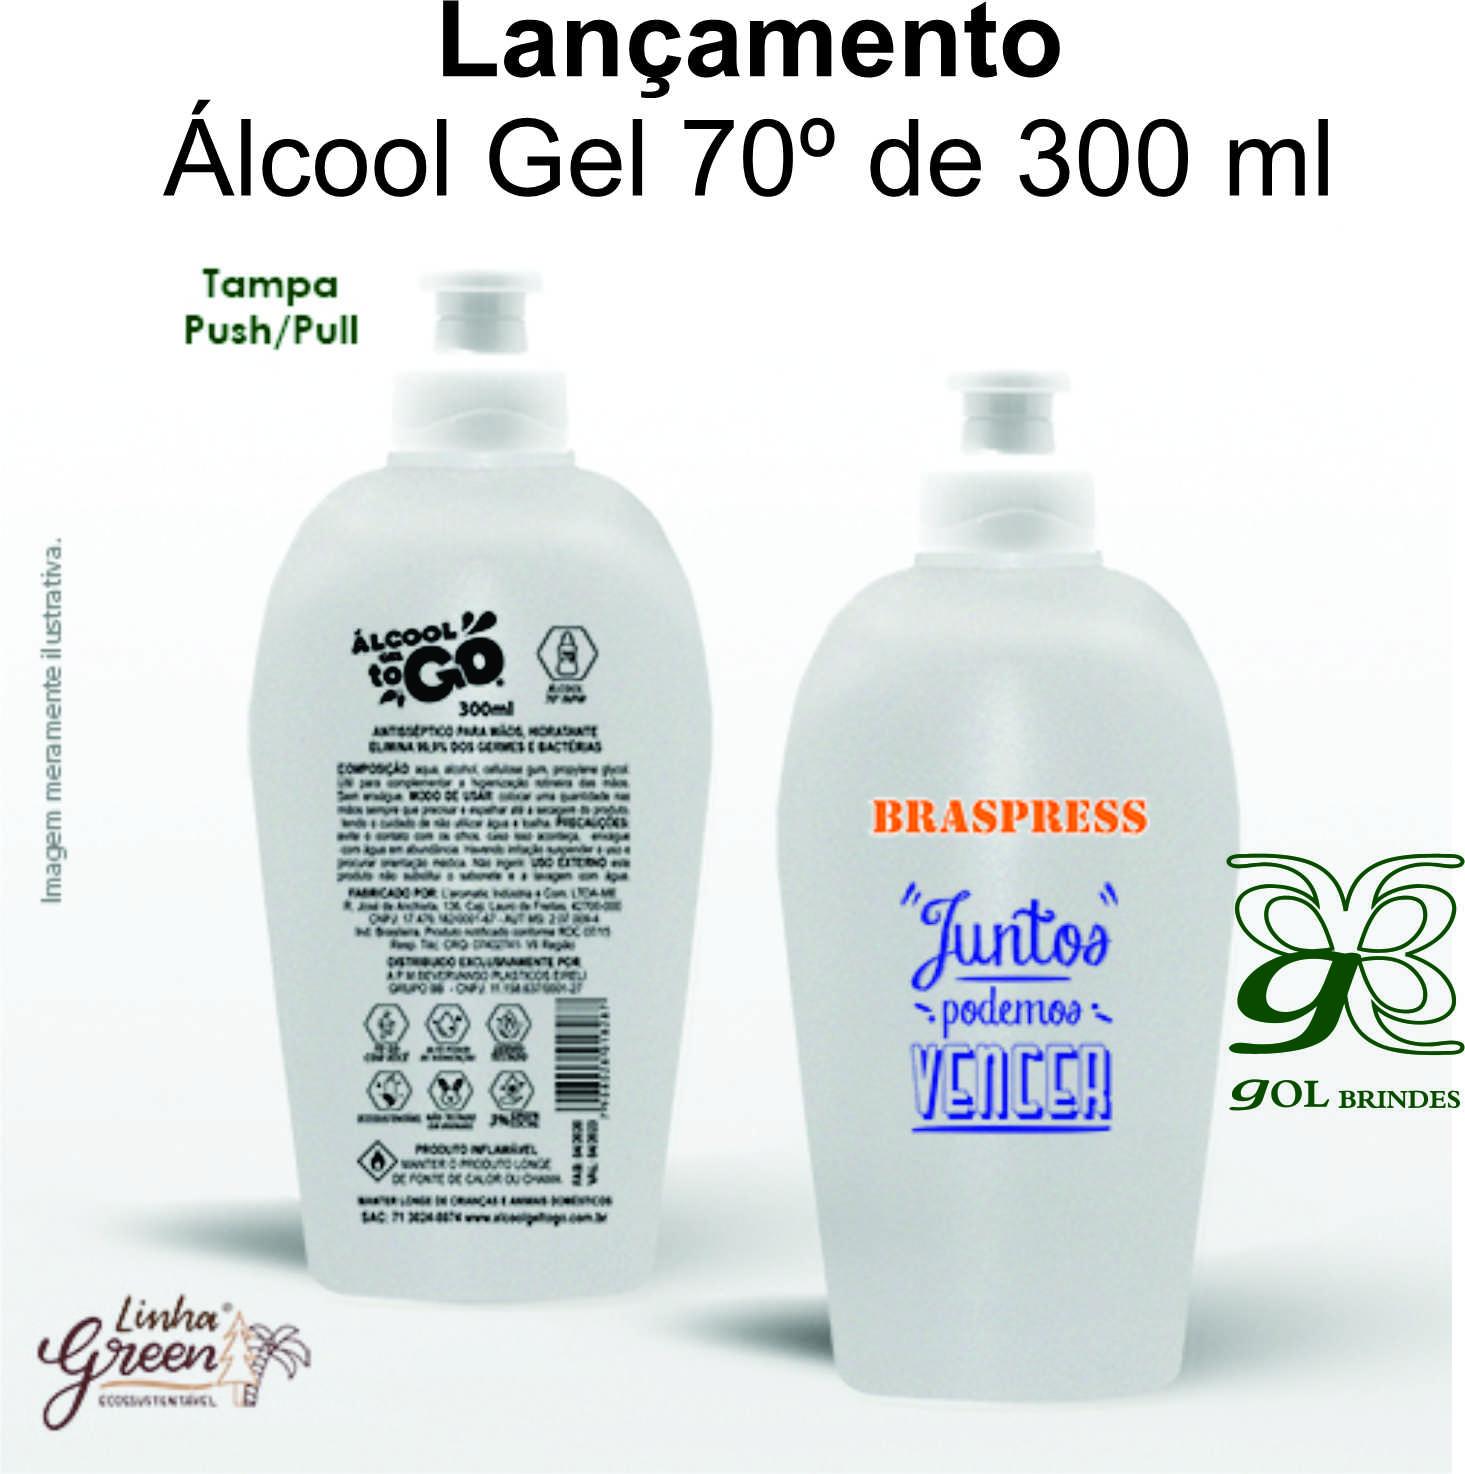 alcool_gel_02_anuncio